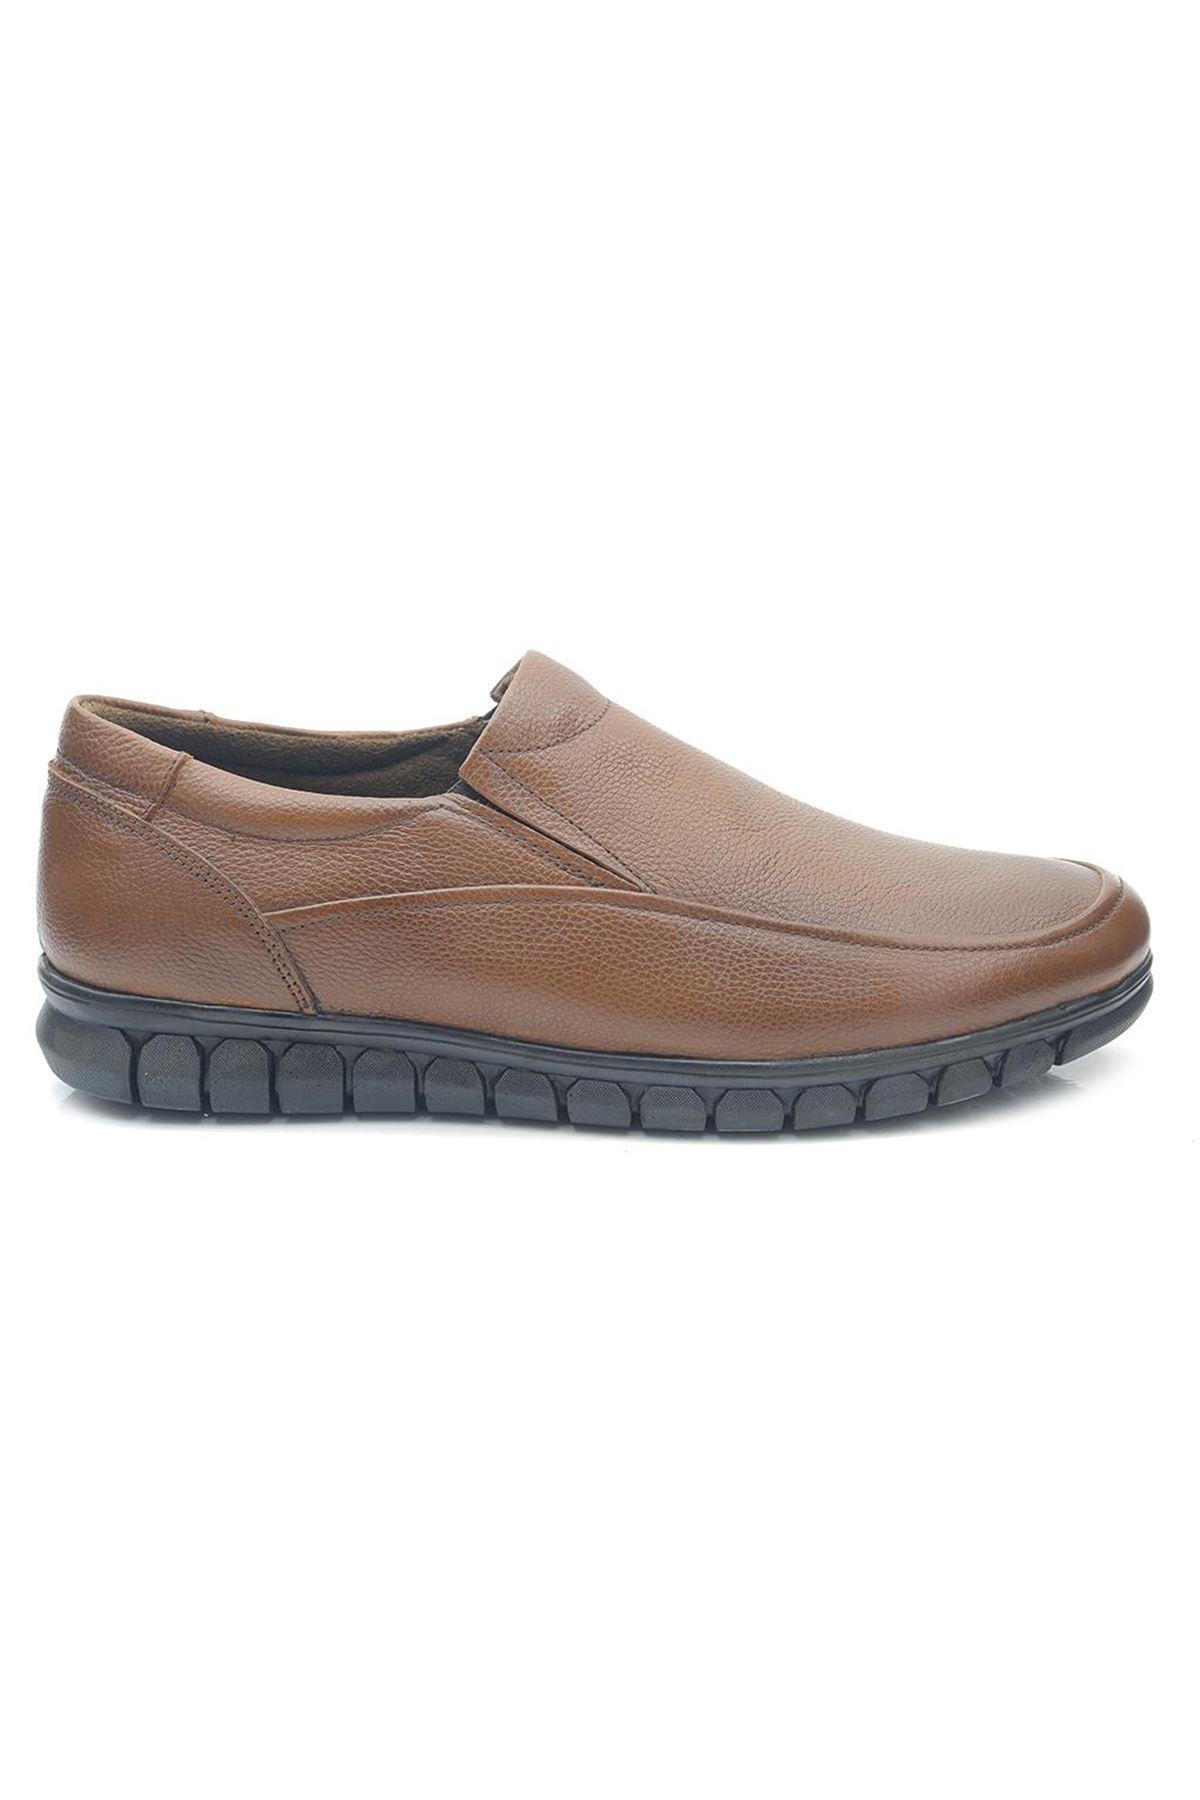 Rosse Falcon Hakiki Deri Yumuşak Günlük Erkek Ayakkabı